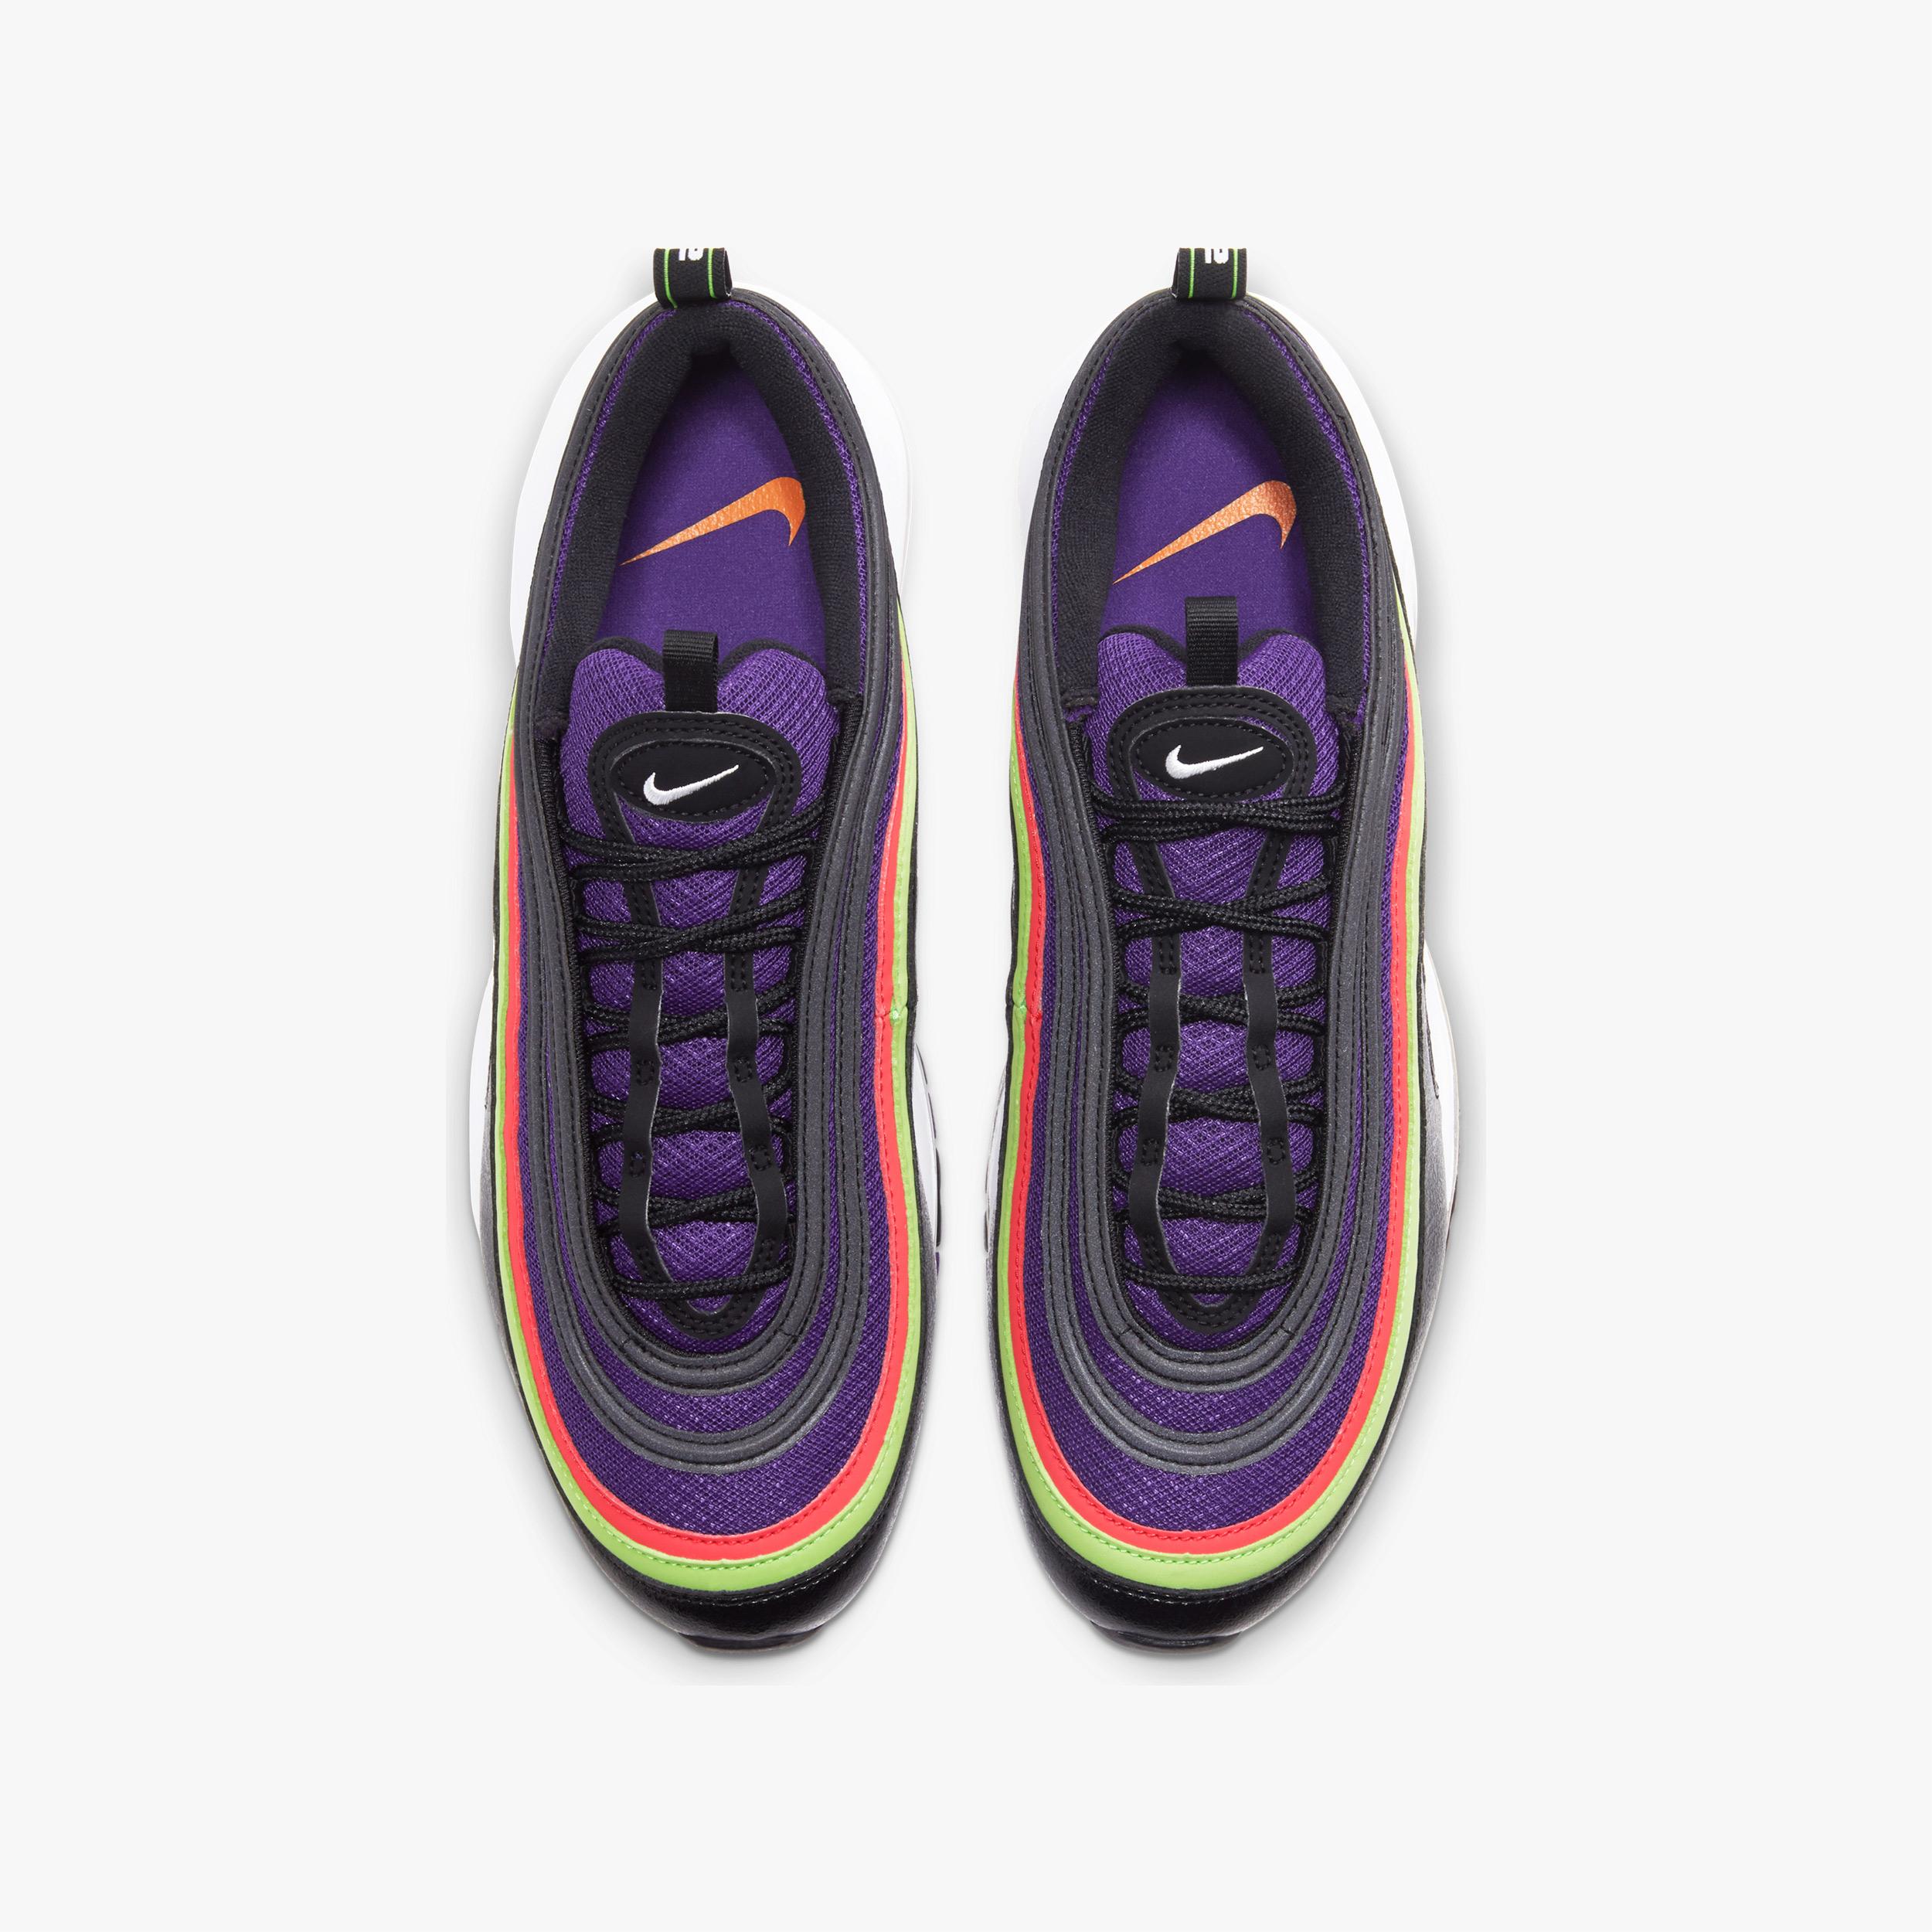 Nike Air Max 97 Cu4890 001 Sneakersnstuff | sneakers